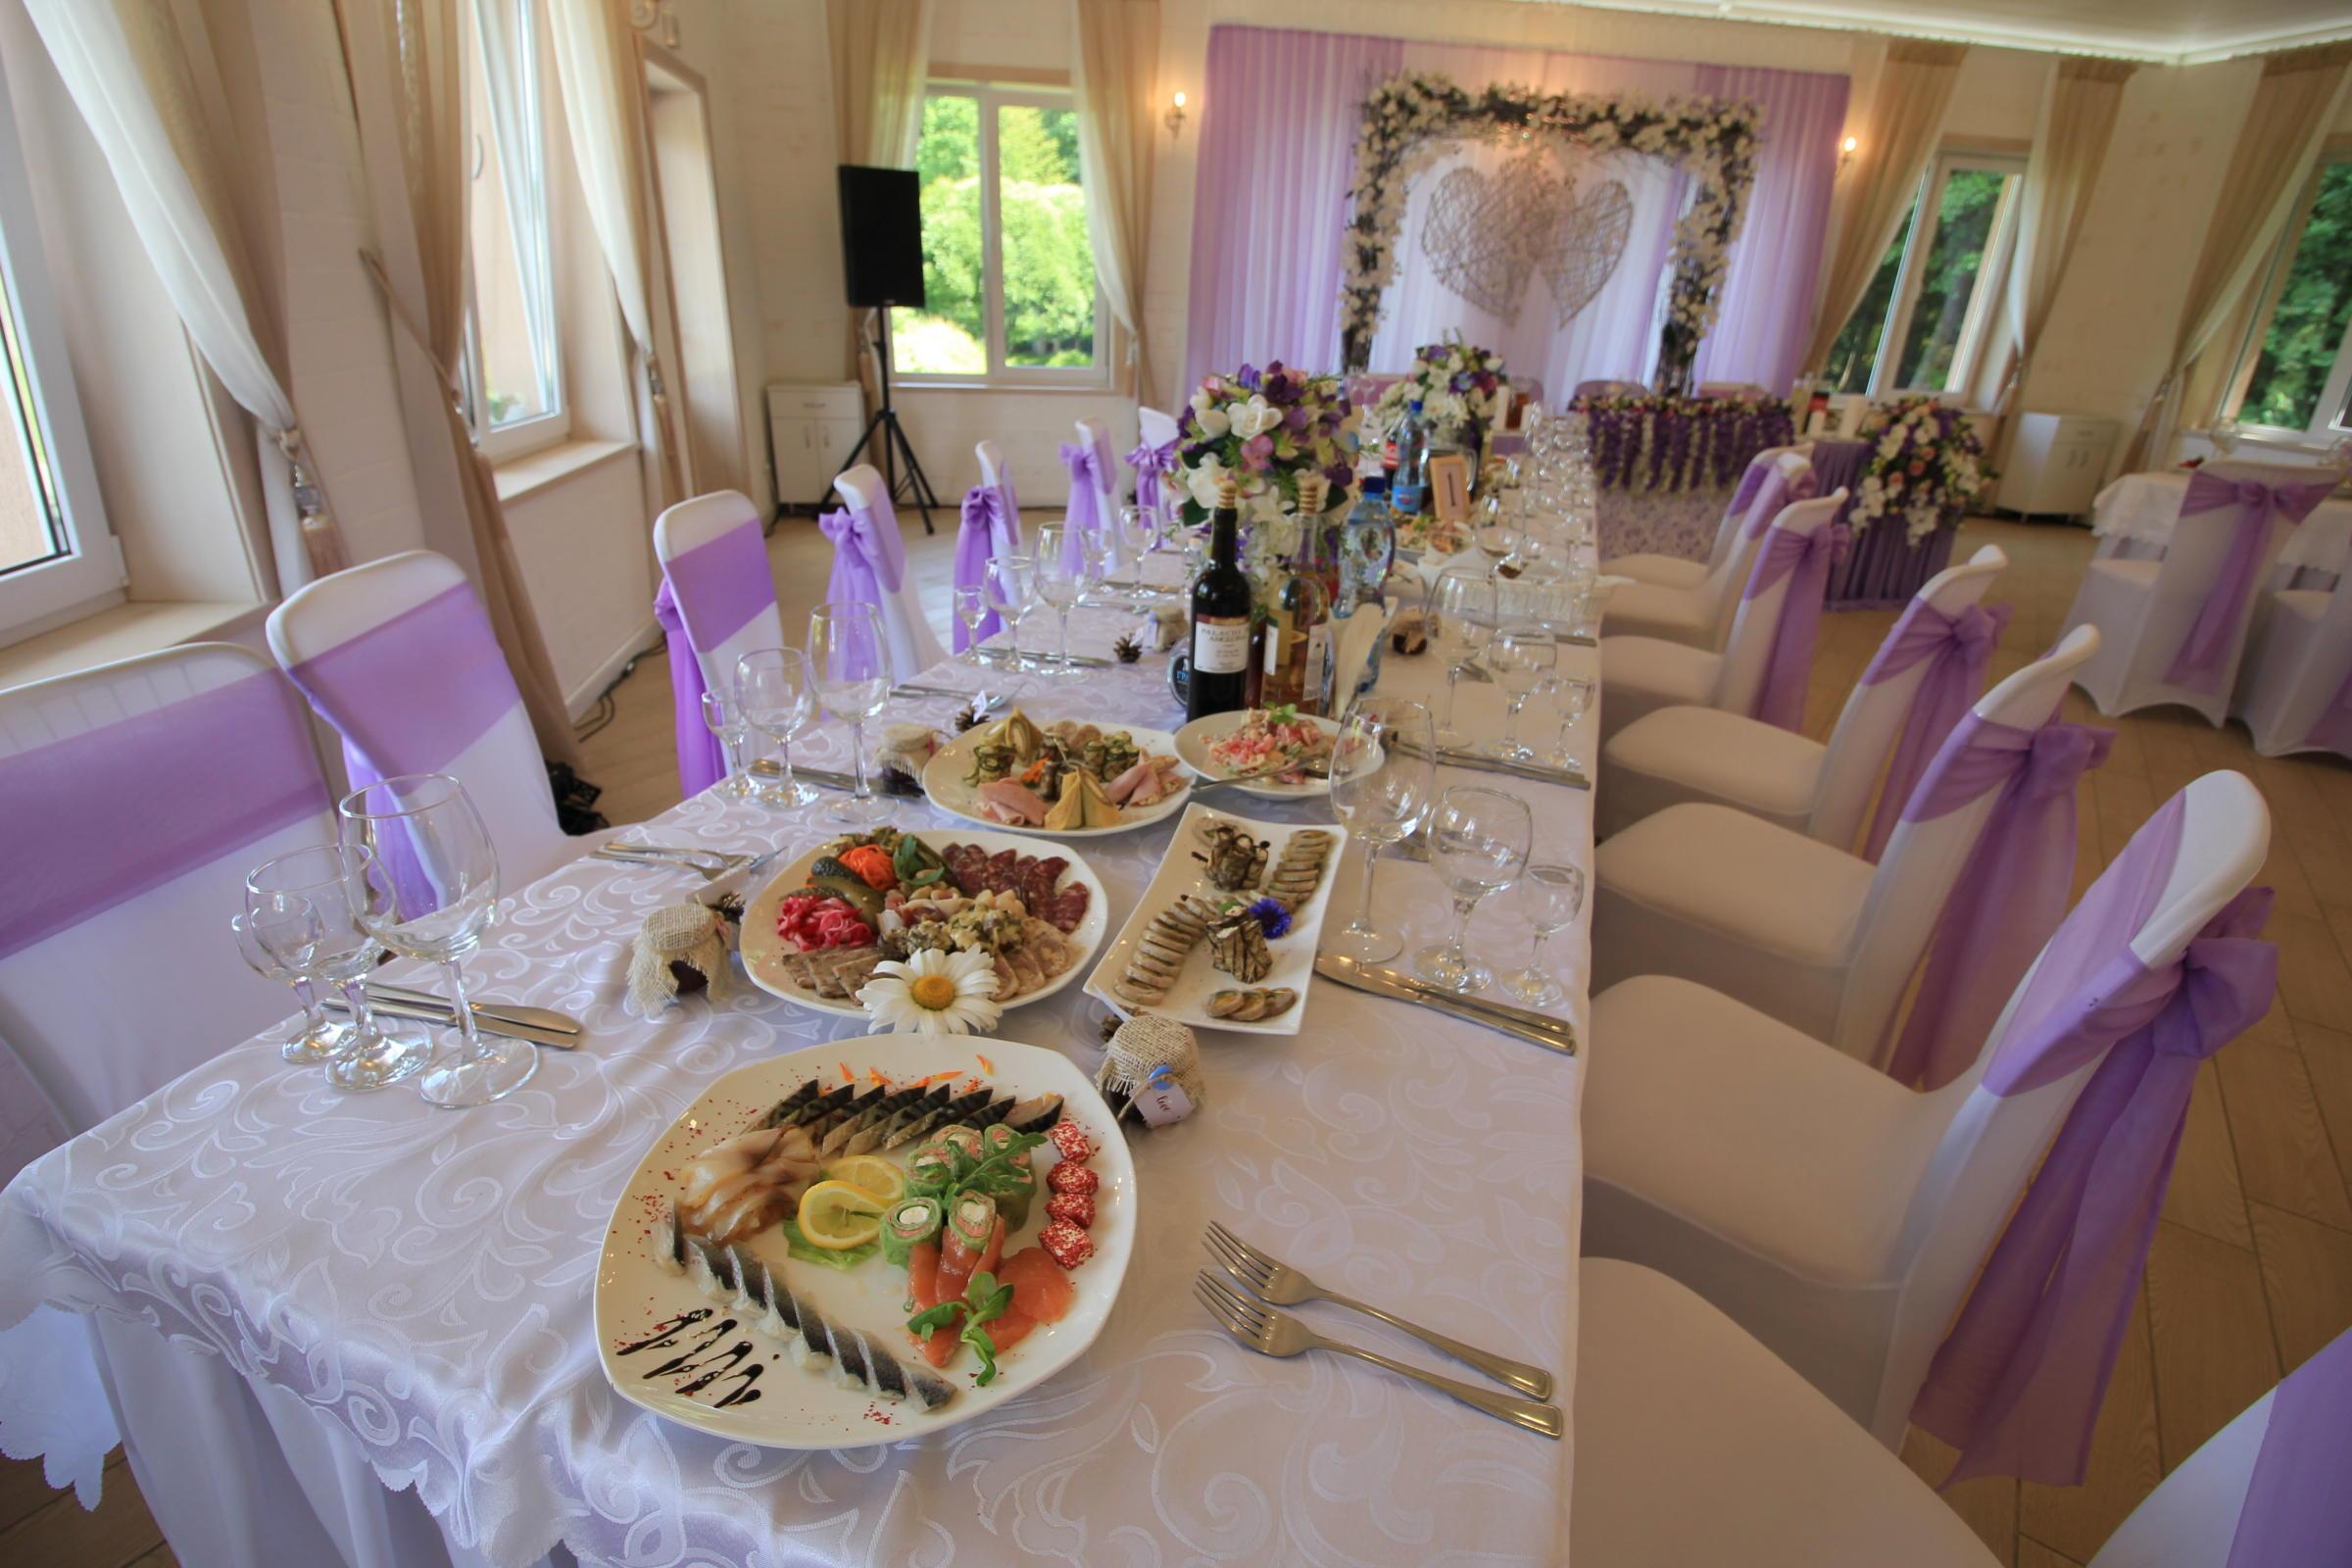 Псков украшение зала на свадьбу фото своды, антикварные